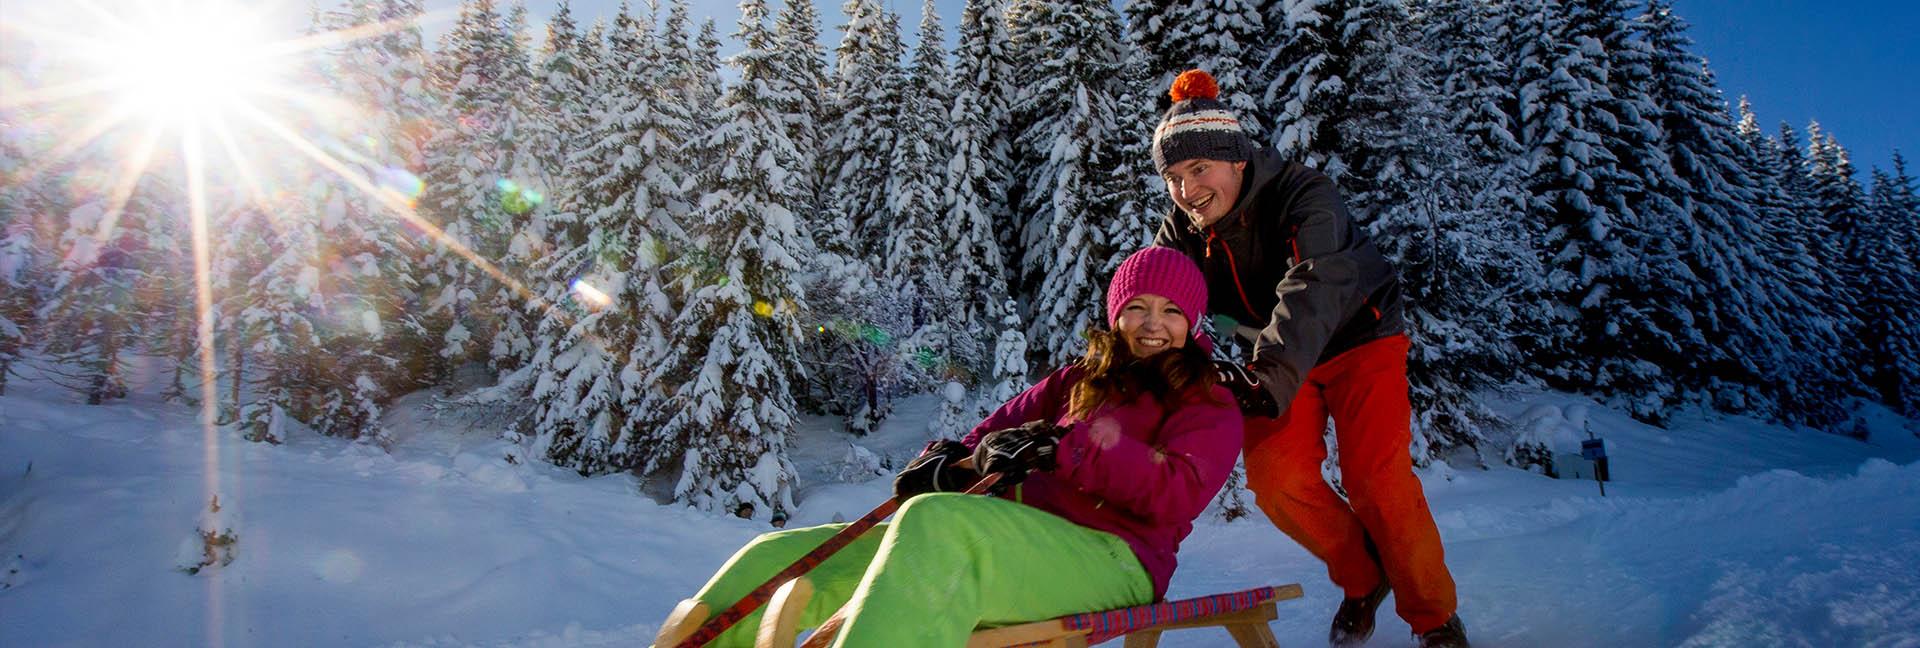 Winter Urlaub in Radstadt - Hotel Stegerbräu